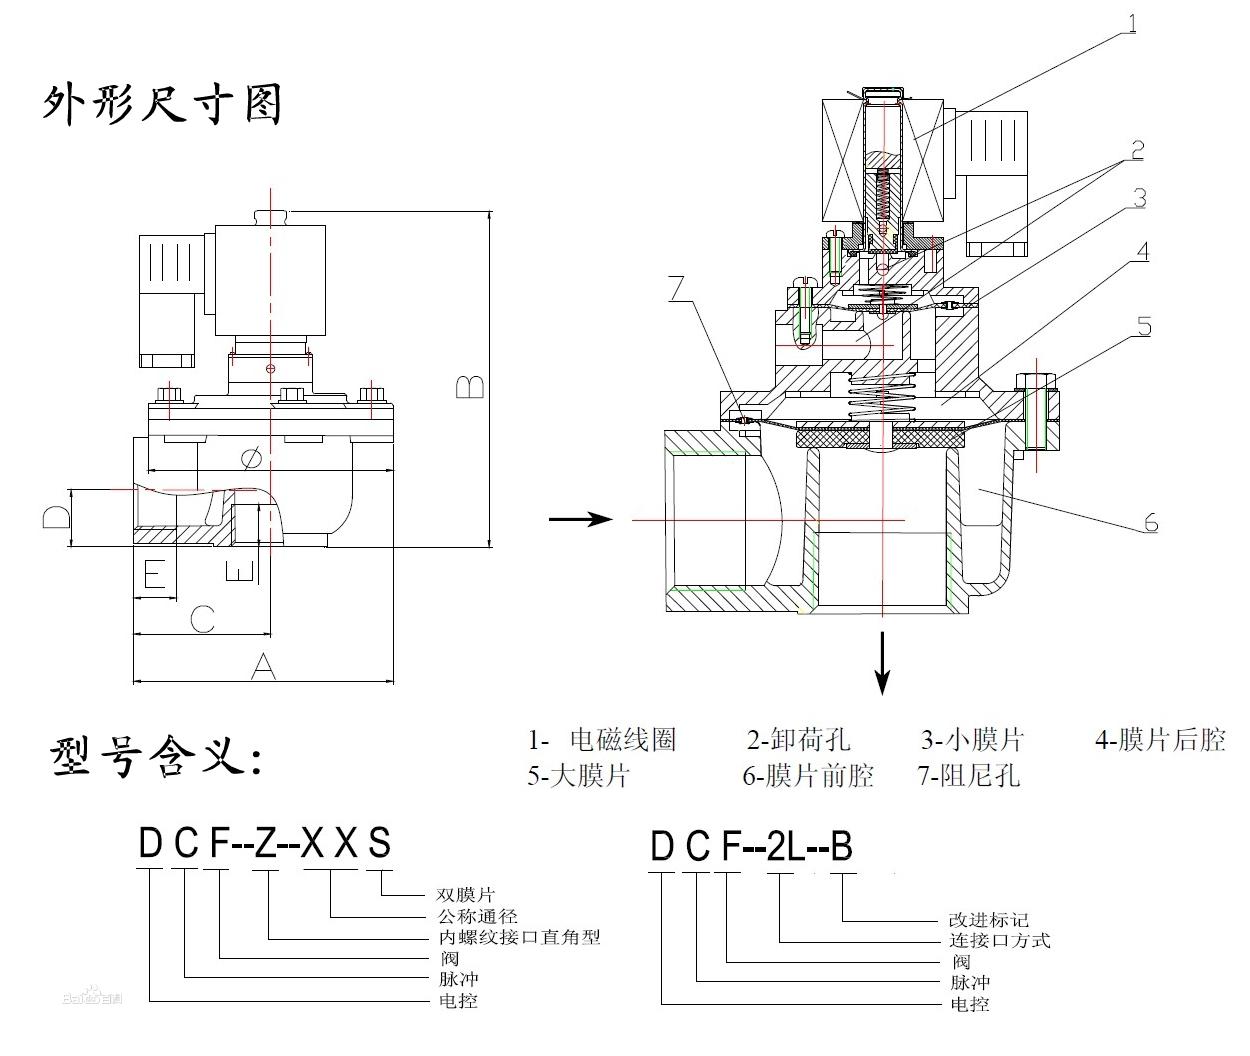 指将电磁阀,先导阀与脉冲阀组合在一起,直接受电信号控制的膜片阀.图片